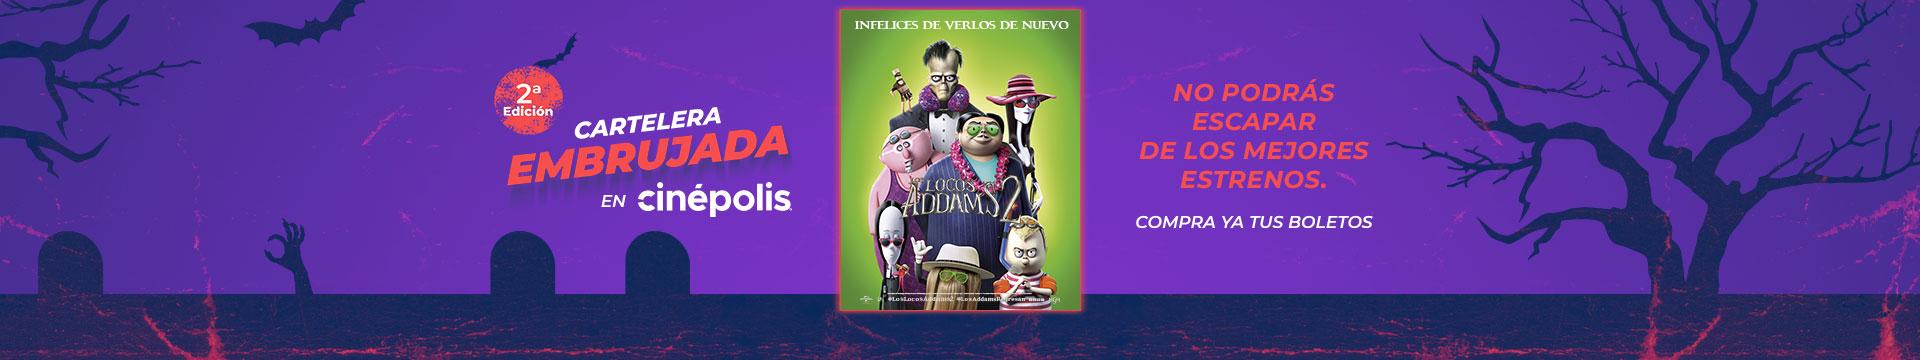 Estreno Los Locos Addams 2 Cartelera Embrujada